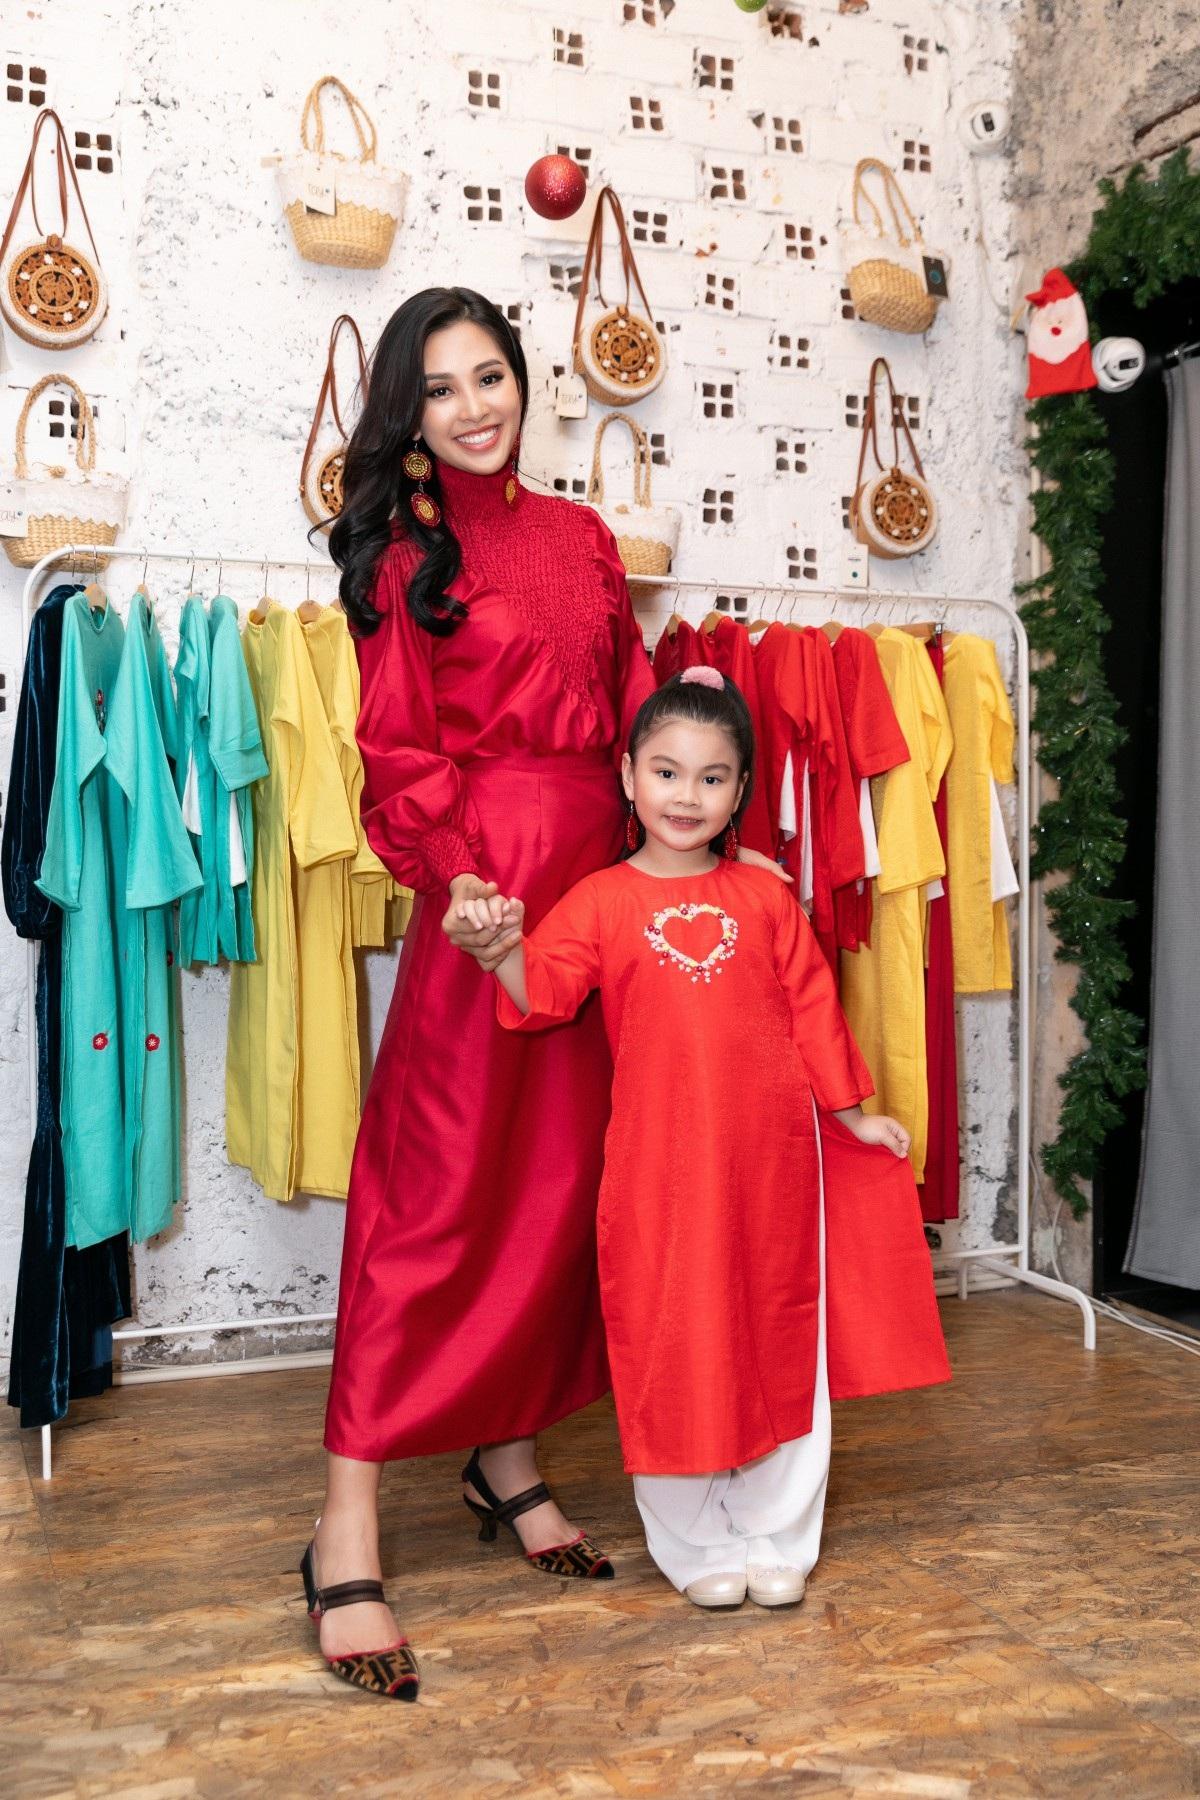 Hoa hậu Tiểu Vy khoe nhan sắc cuốn hút sau Miss World 2018 - Ảnh 6.